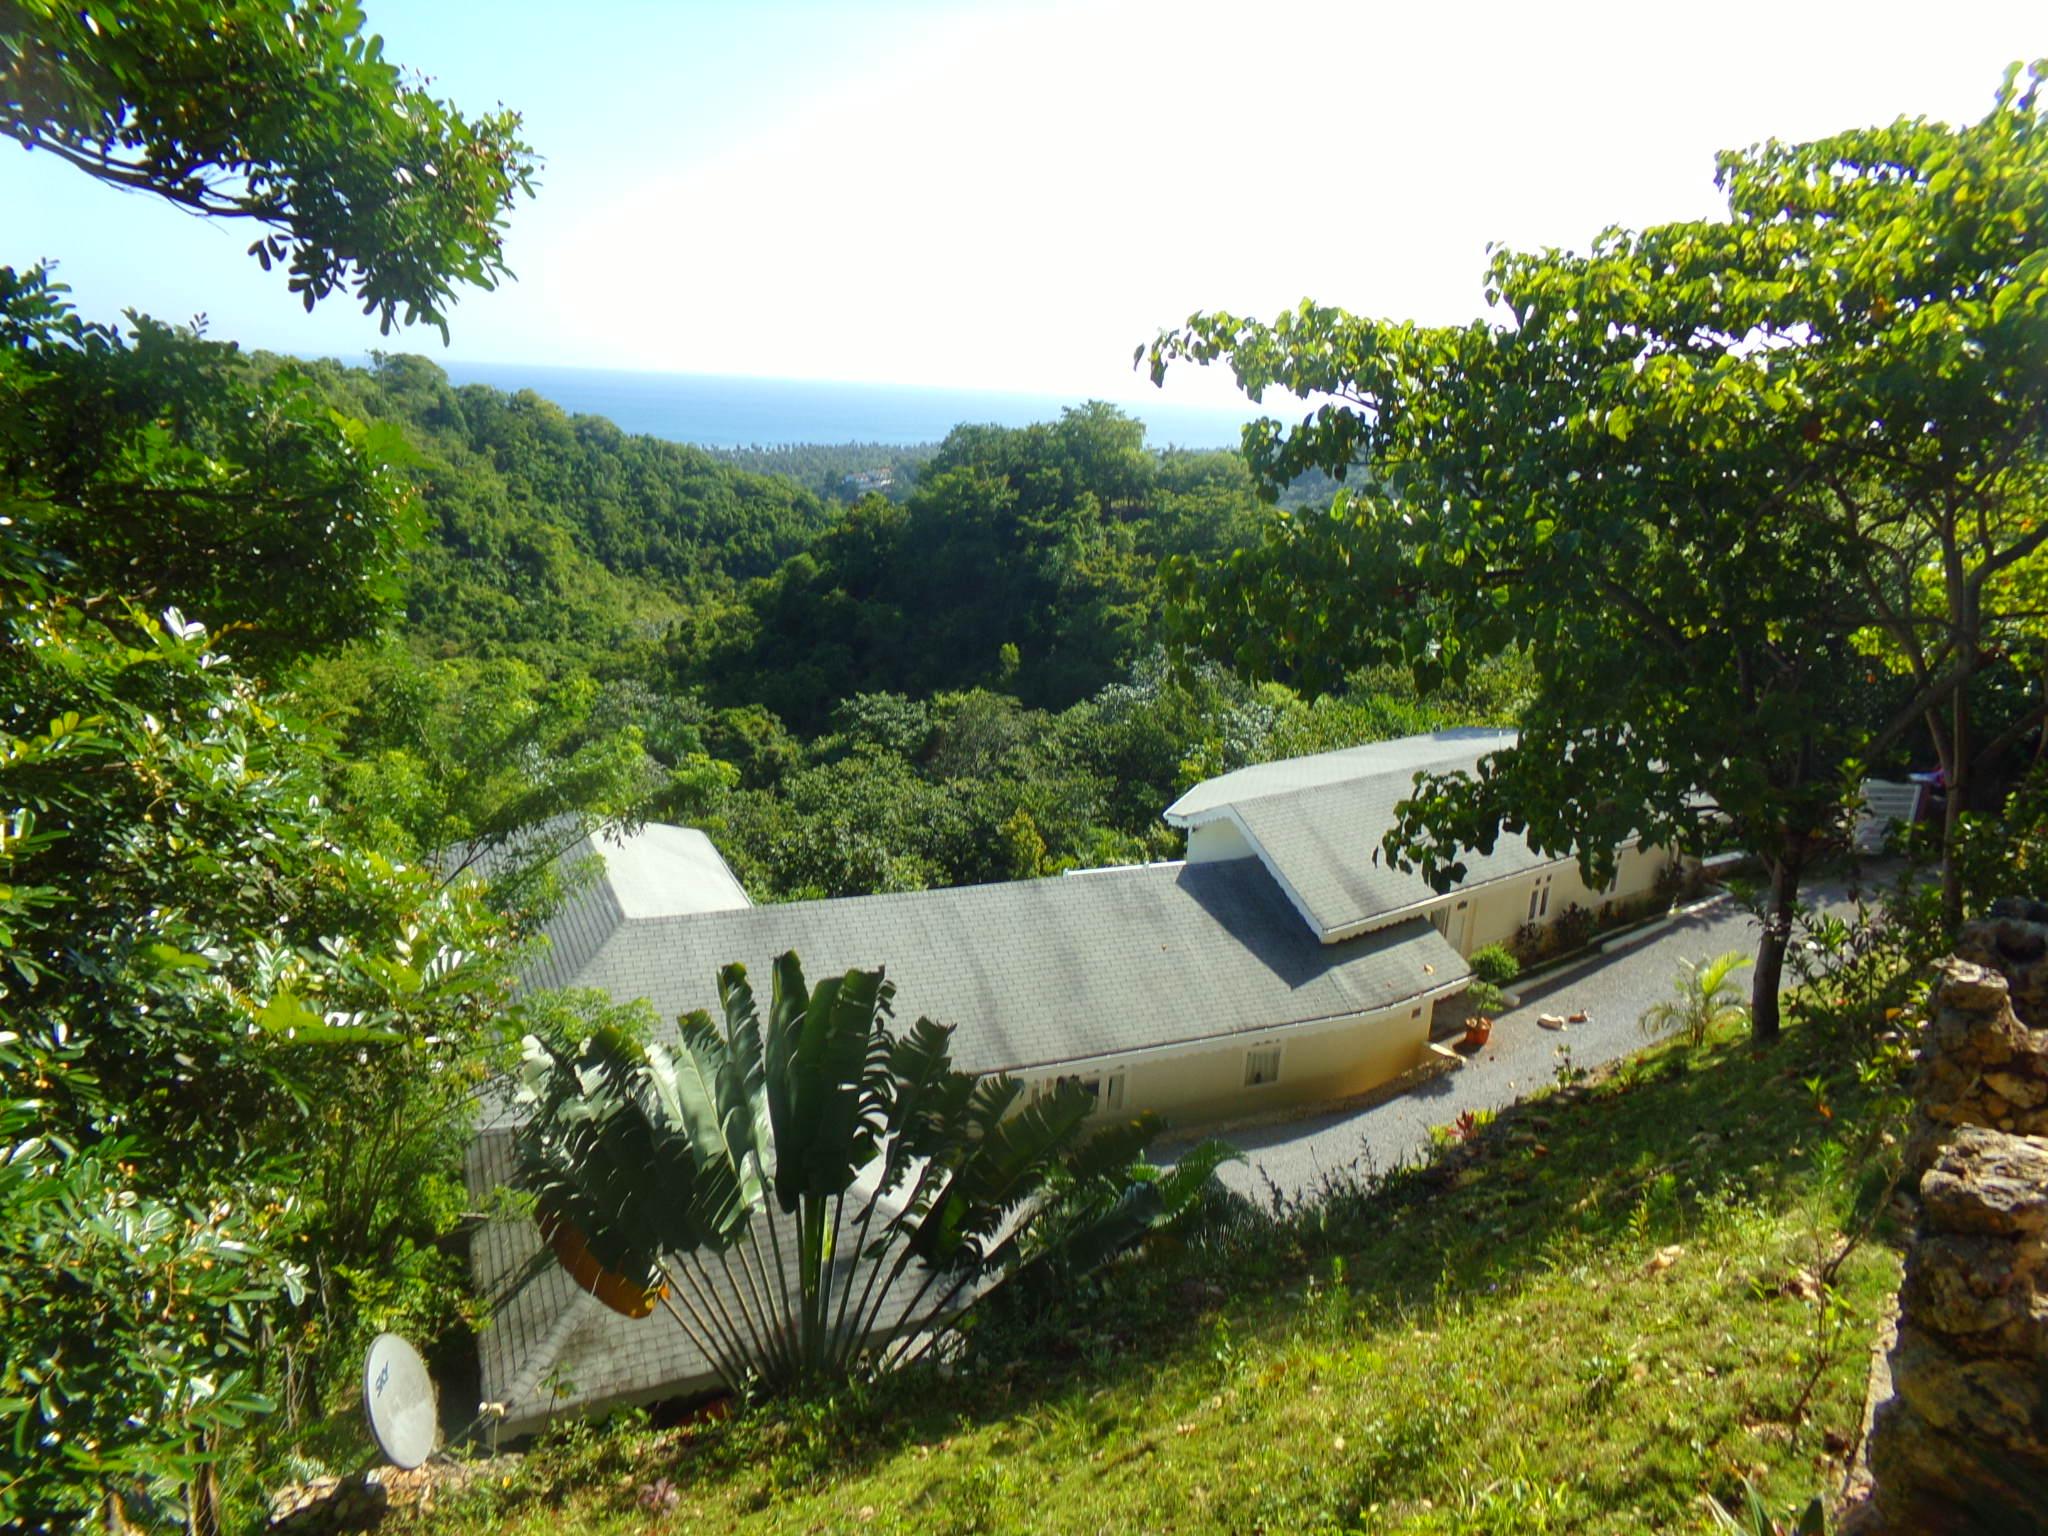 VILLA LES OISEAUX - 3 BED LUXURY OCEAN VIEW VILLA - $600,000 USD - C506LT